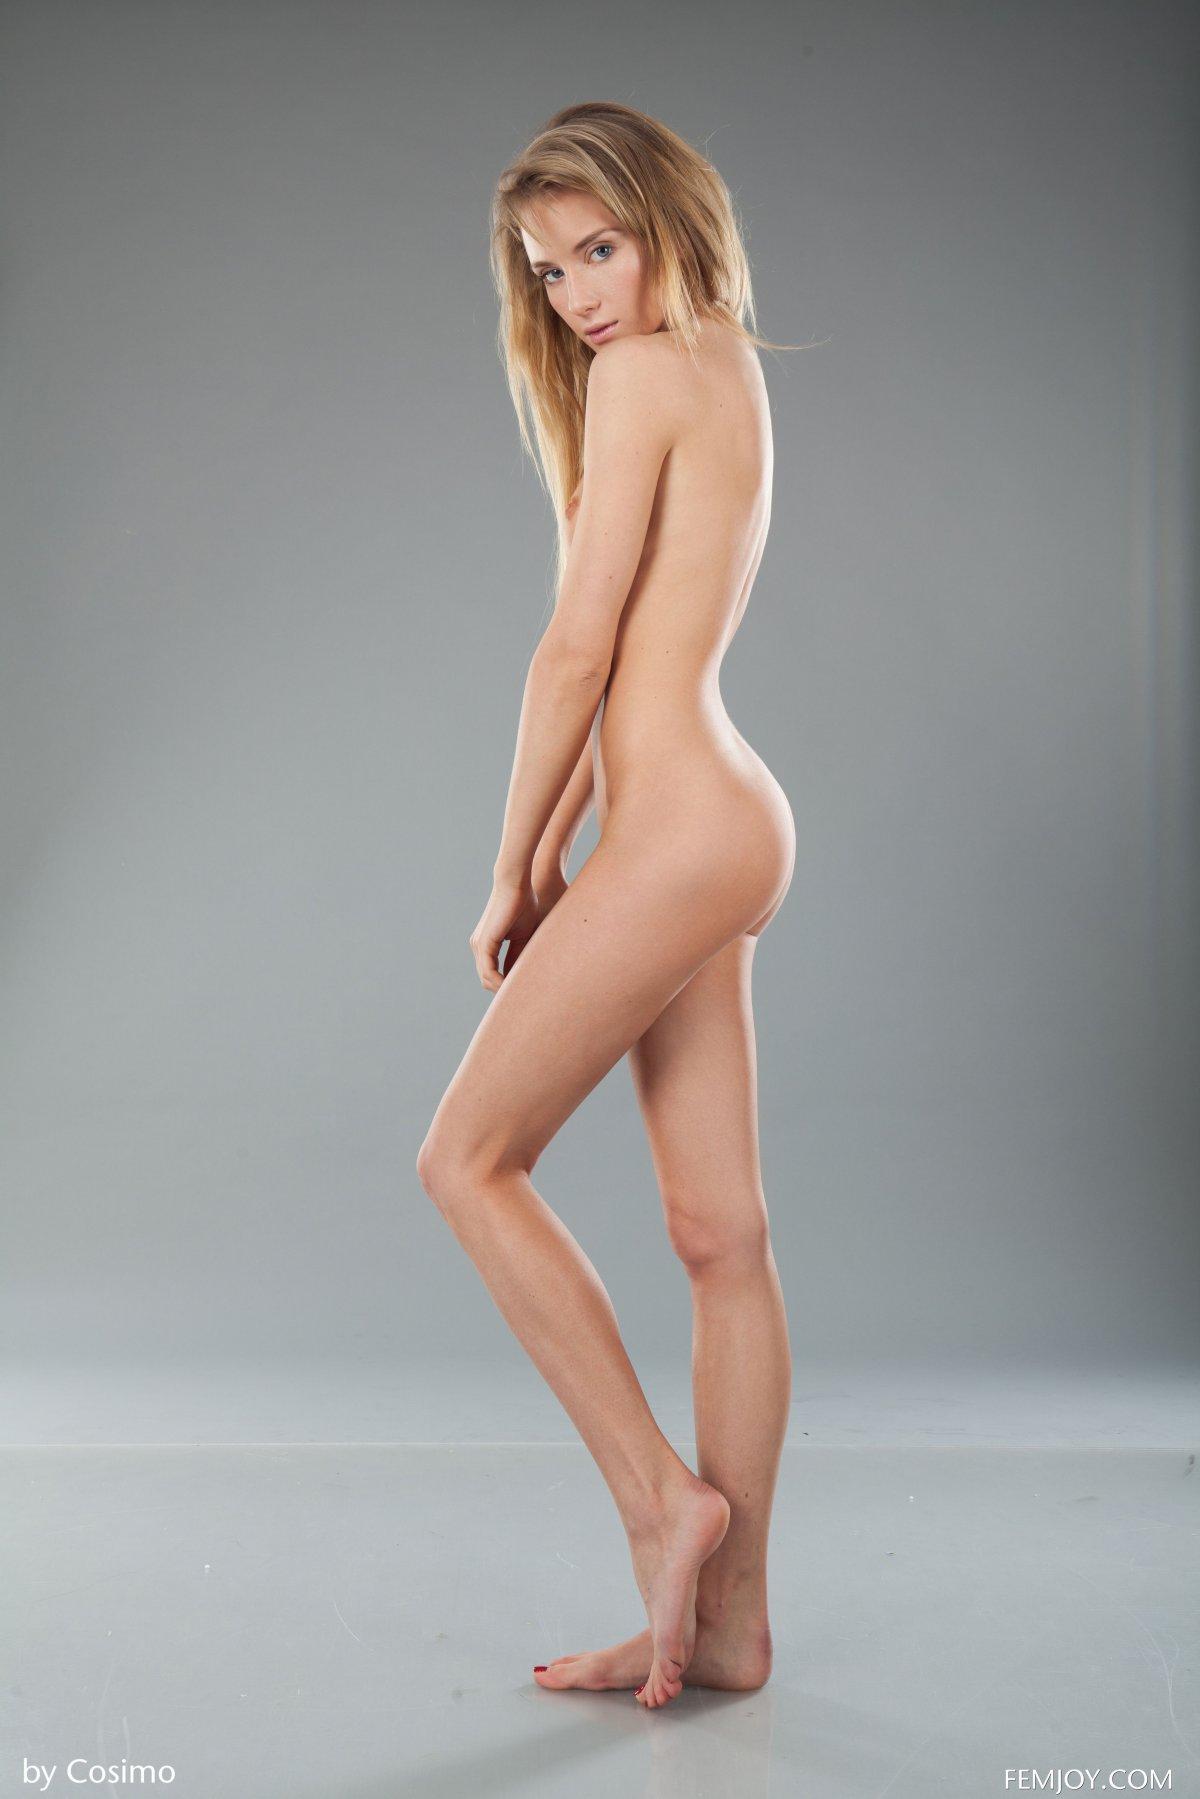 Monika V Nude In Kiss My Lips Femjoy Model Photos